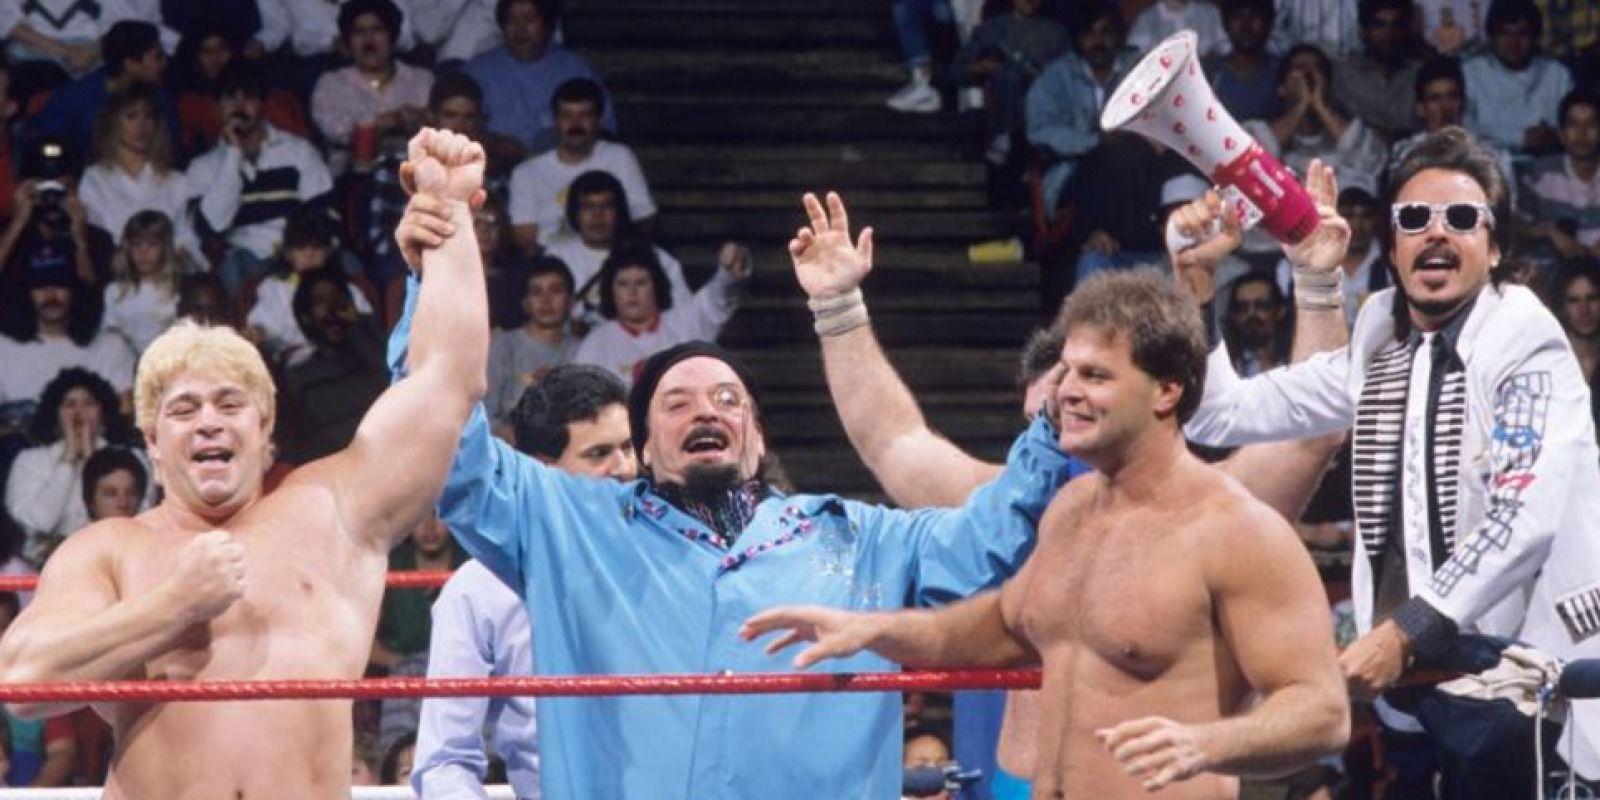 Murió Frenchy Martin, exestrella de WWE. Imagen Por: